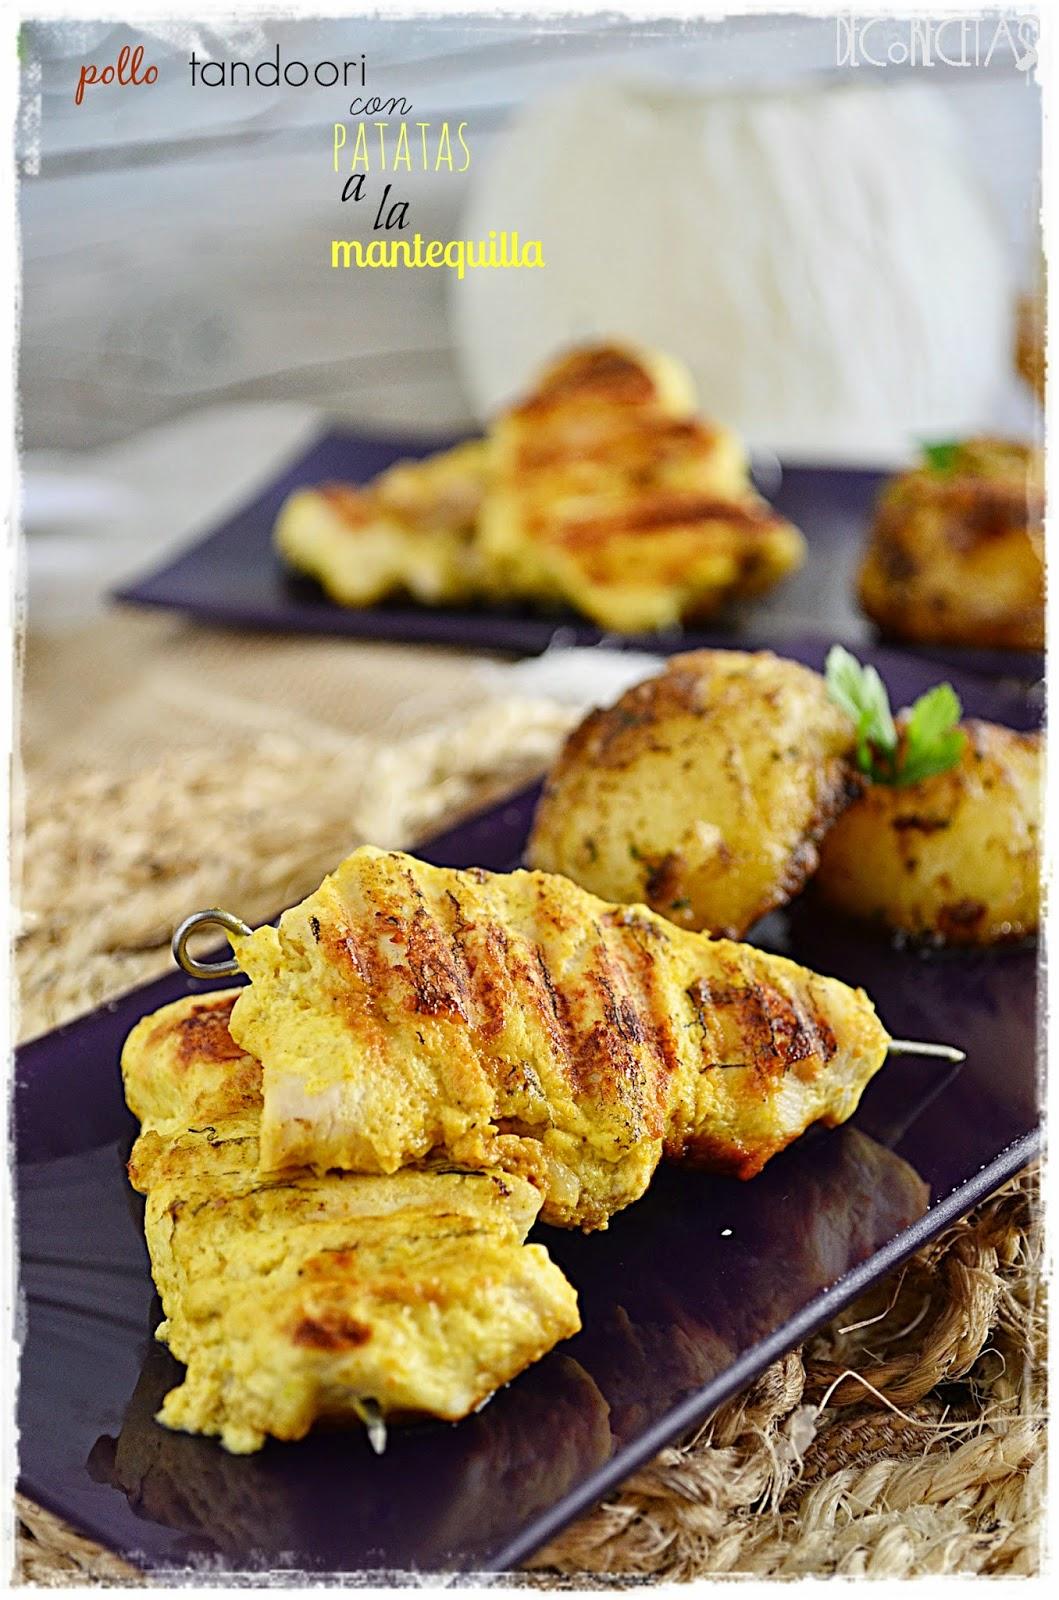 Pollo tandoori con patatas a la mantequilla